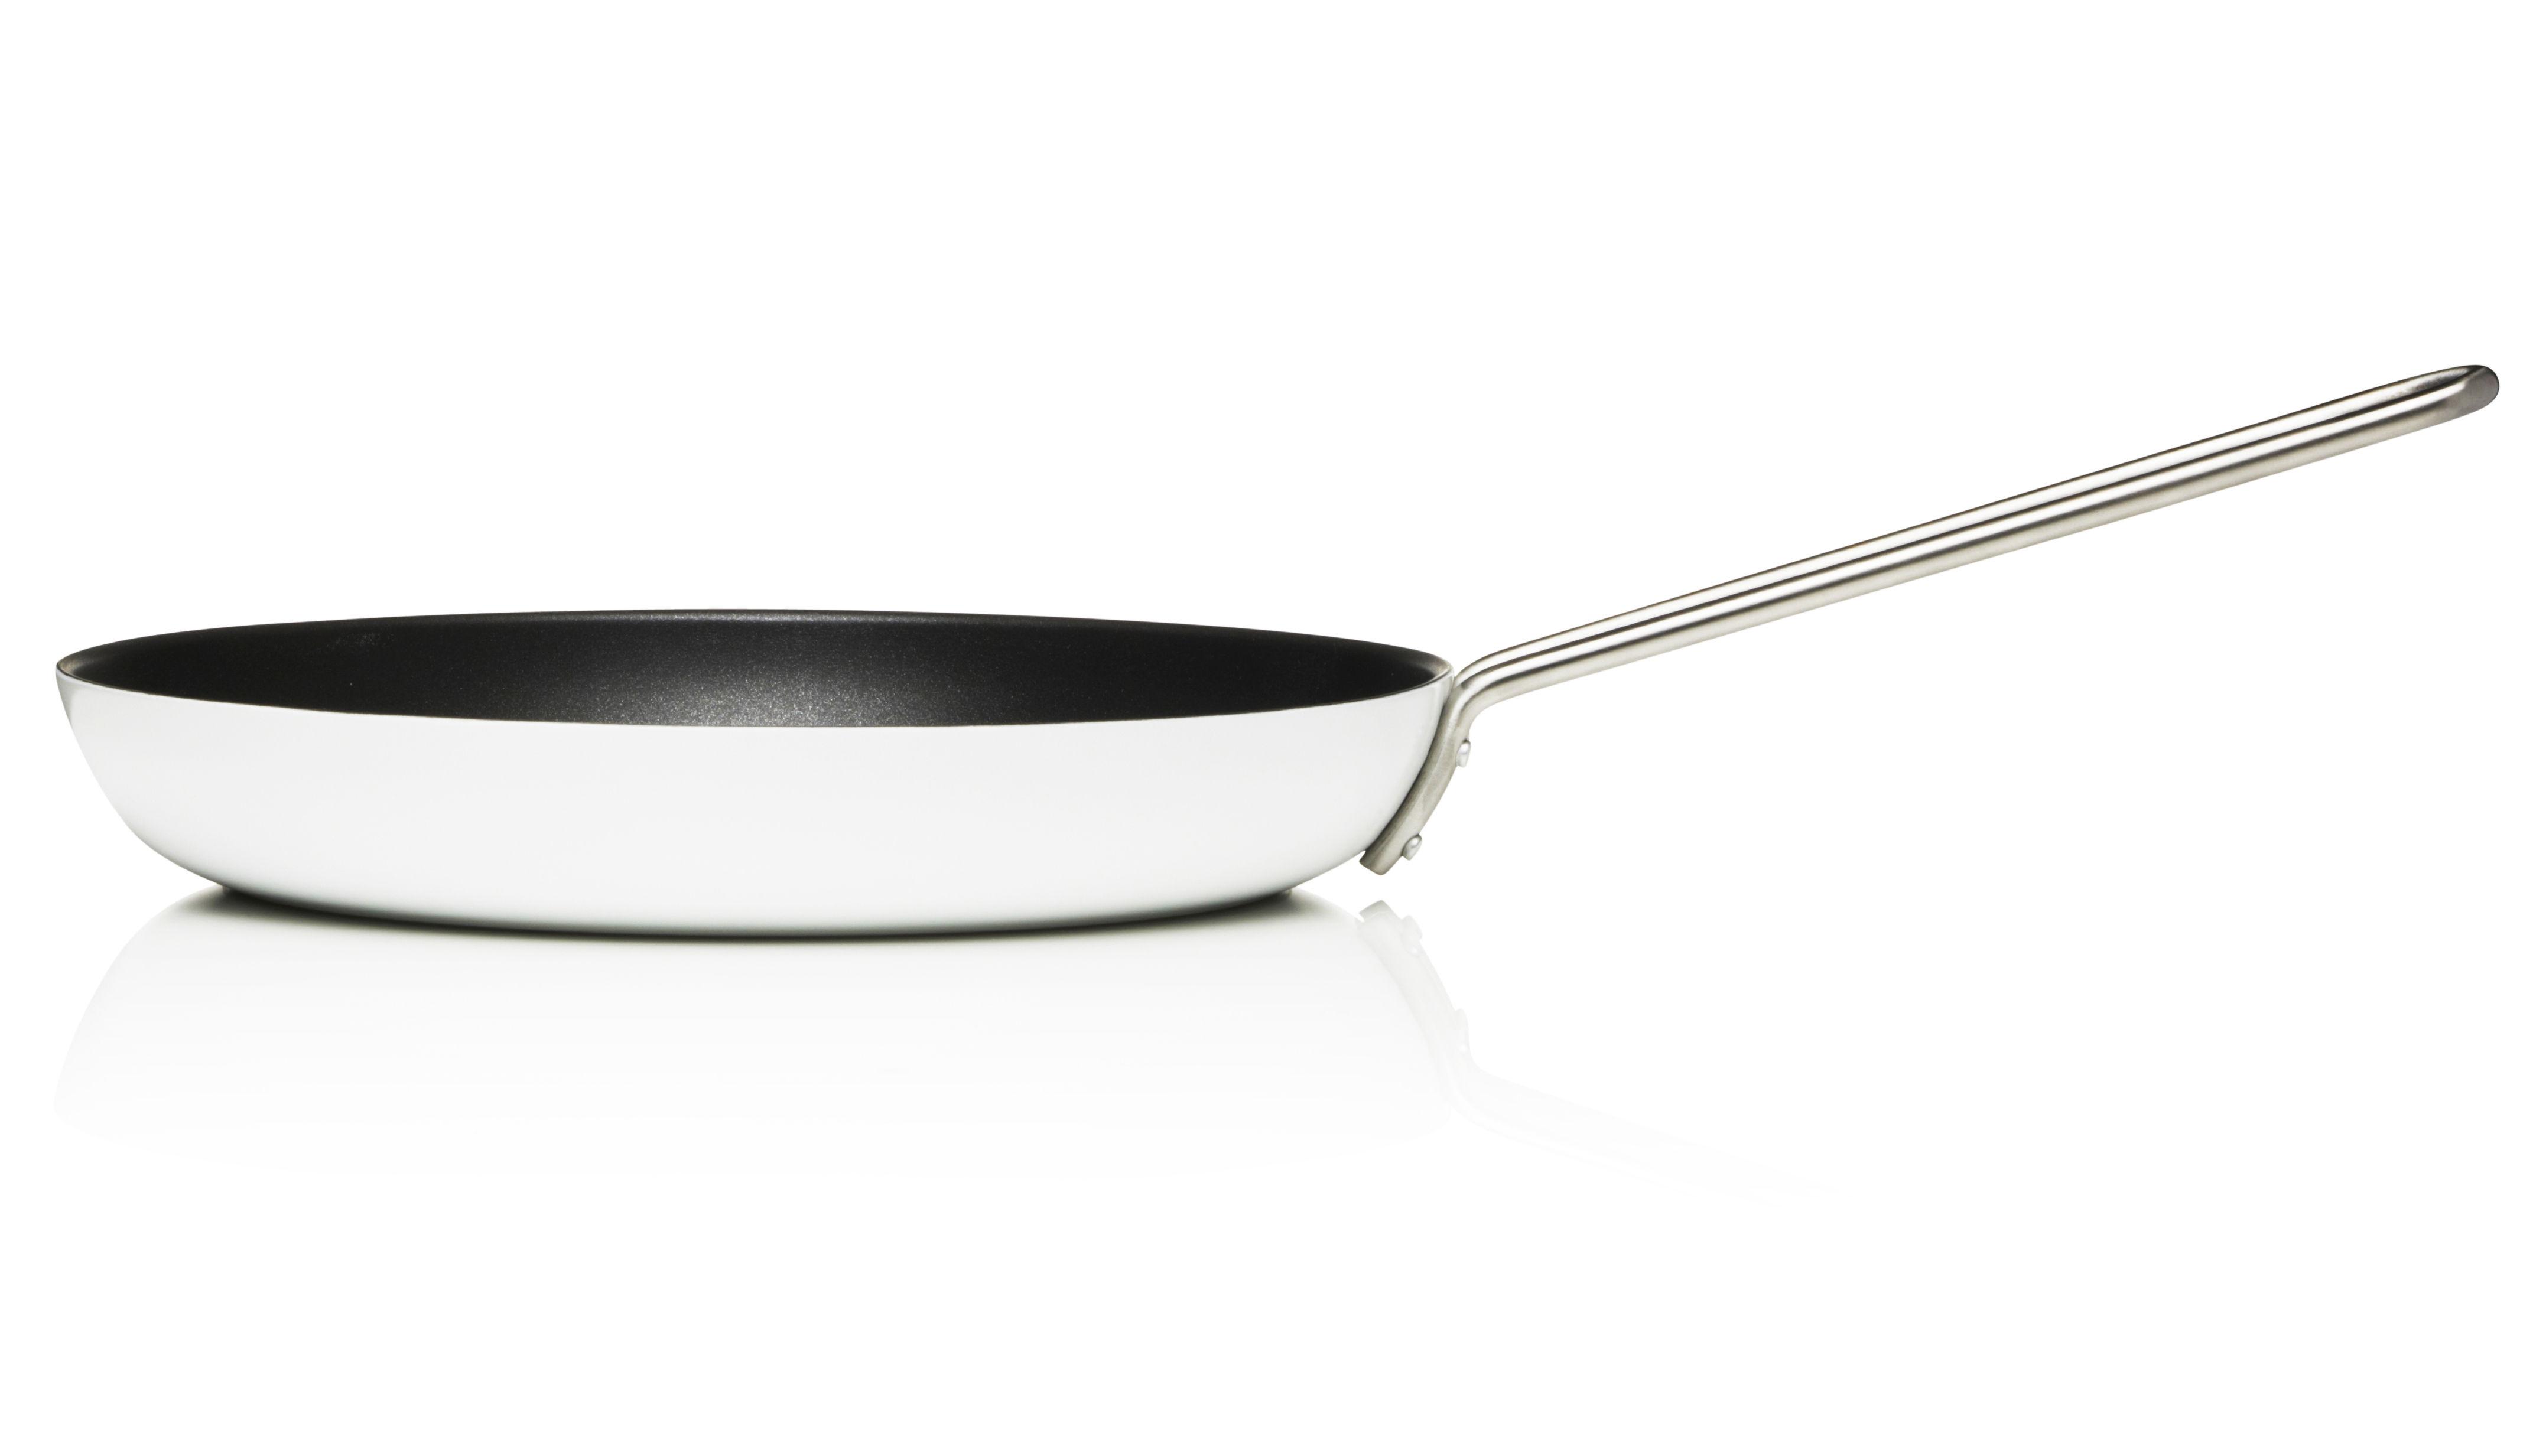 Cucina - Pentole, Padelle e Casseruole - Padella White Line - Ø 28 cm di Eva Trio - Ø 28  cm - Bianco - Acciaio inossidabile, Alluminio, Ceramica, Teflon